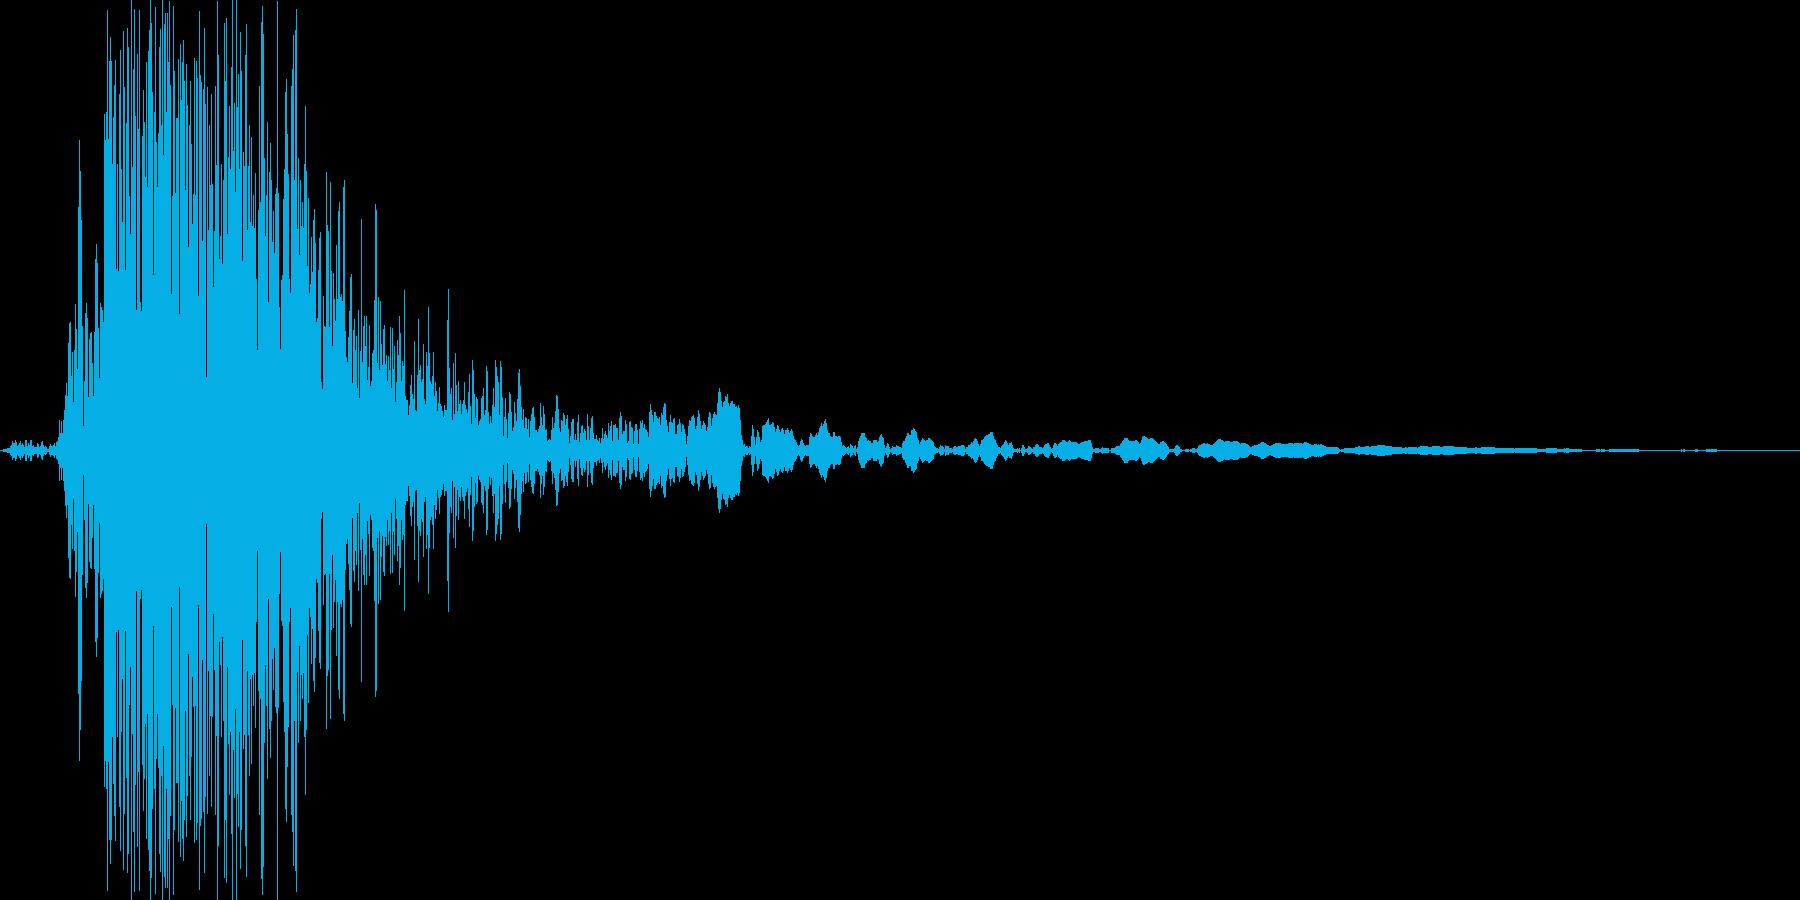 ゴム風船が割れる音_パンッ!_01の再生済みの波形